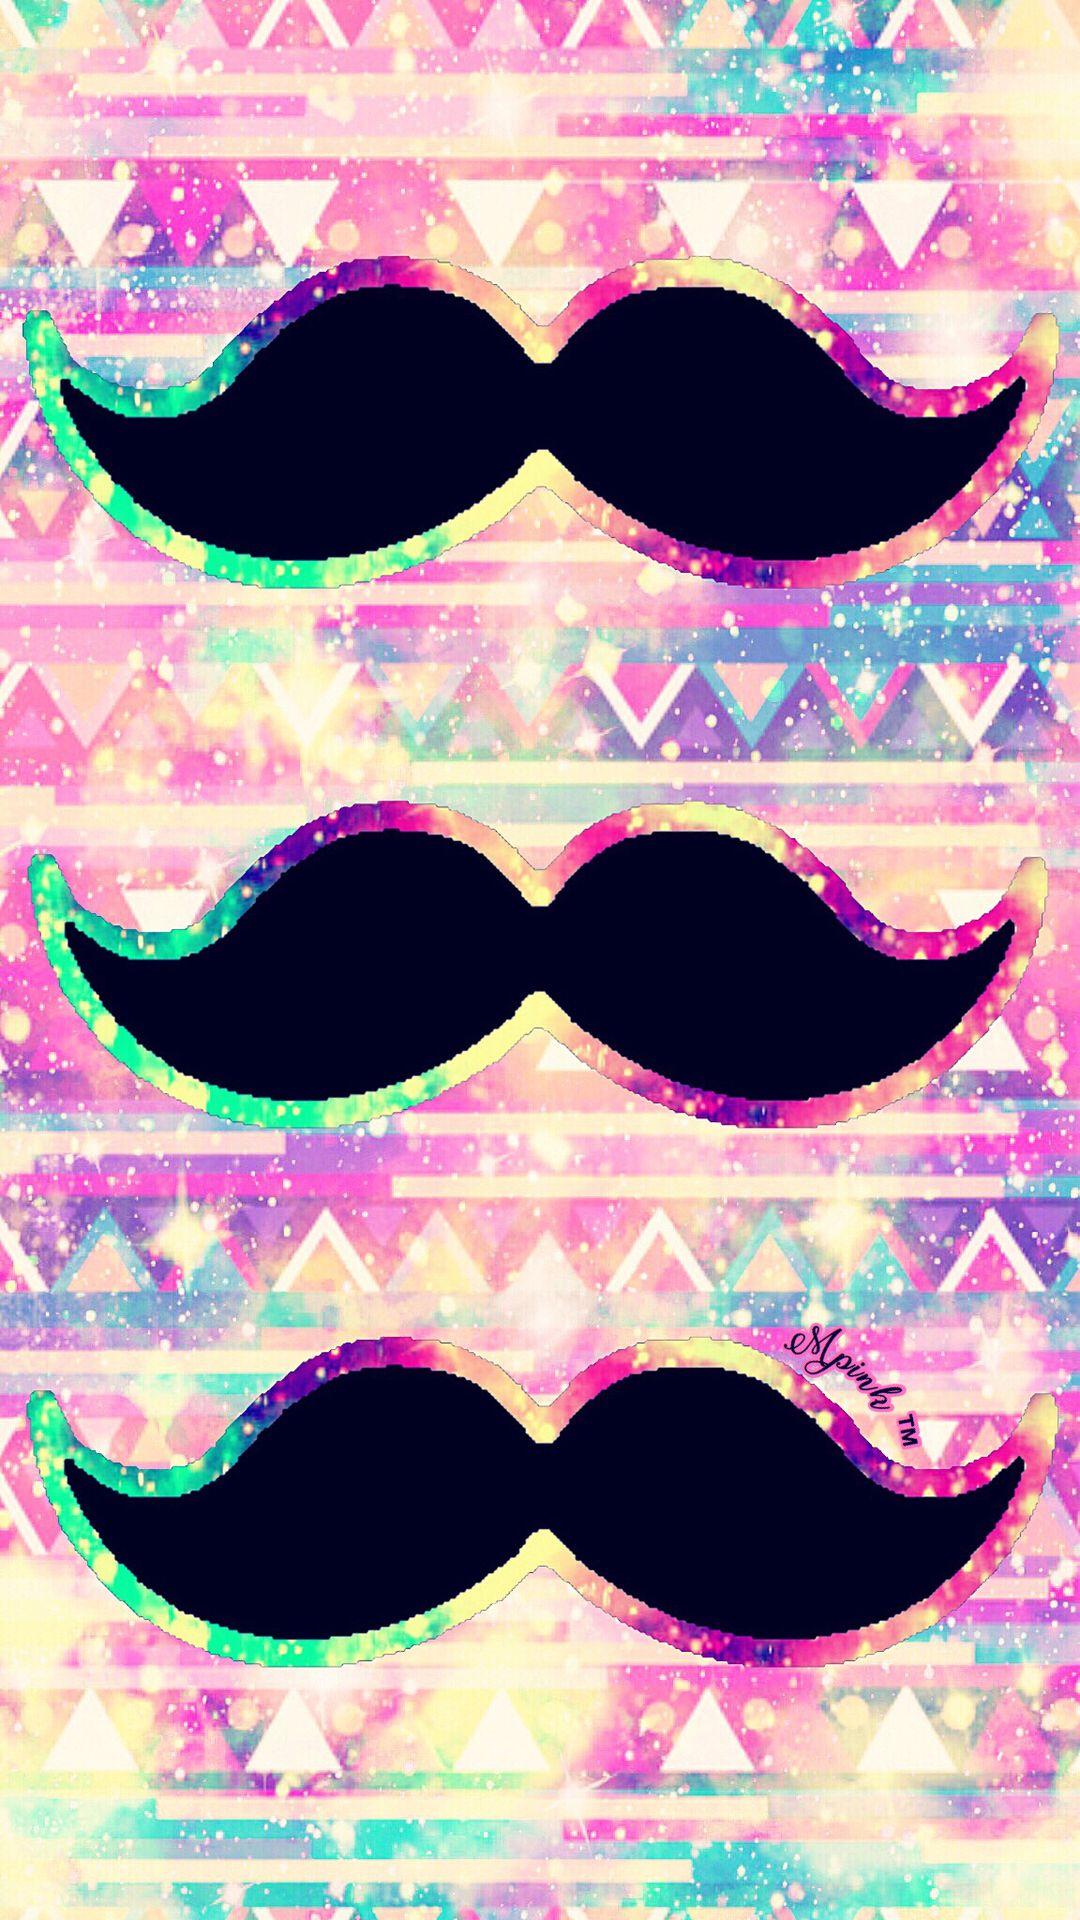 Triple Mustache Galaxy Wallpaper Androidwallpaper Iphonewallpaper Sparkle Glitter